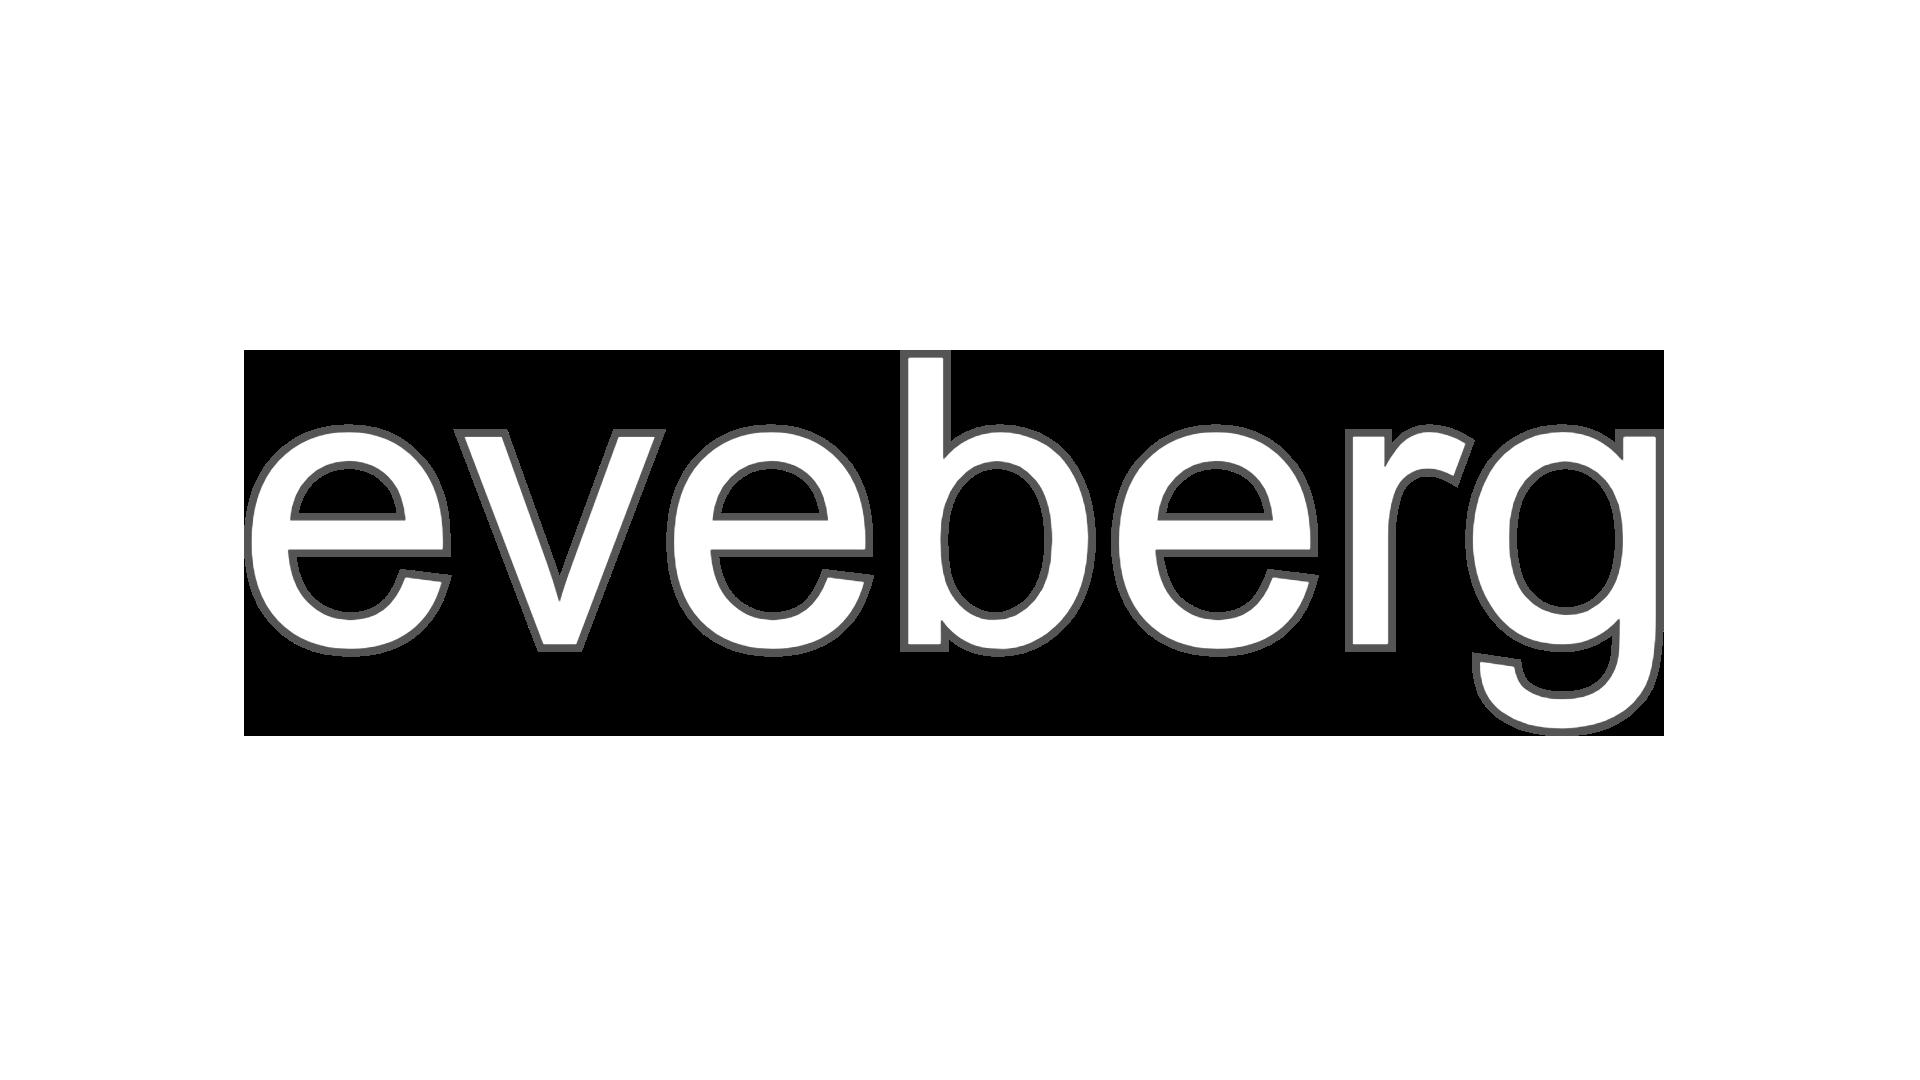 eveberg